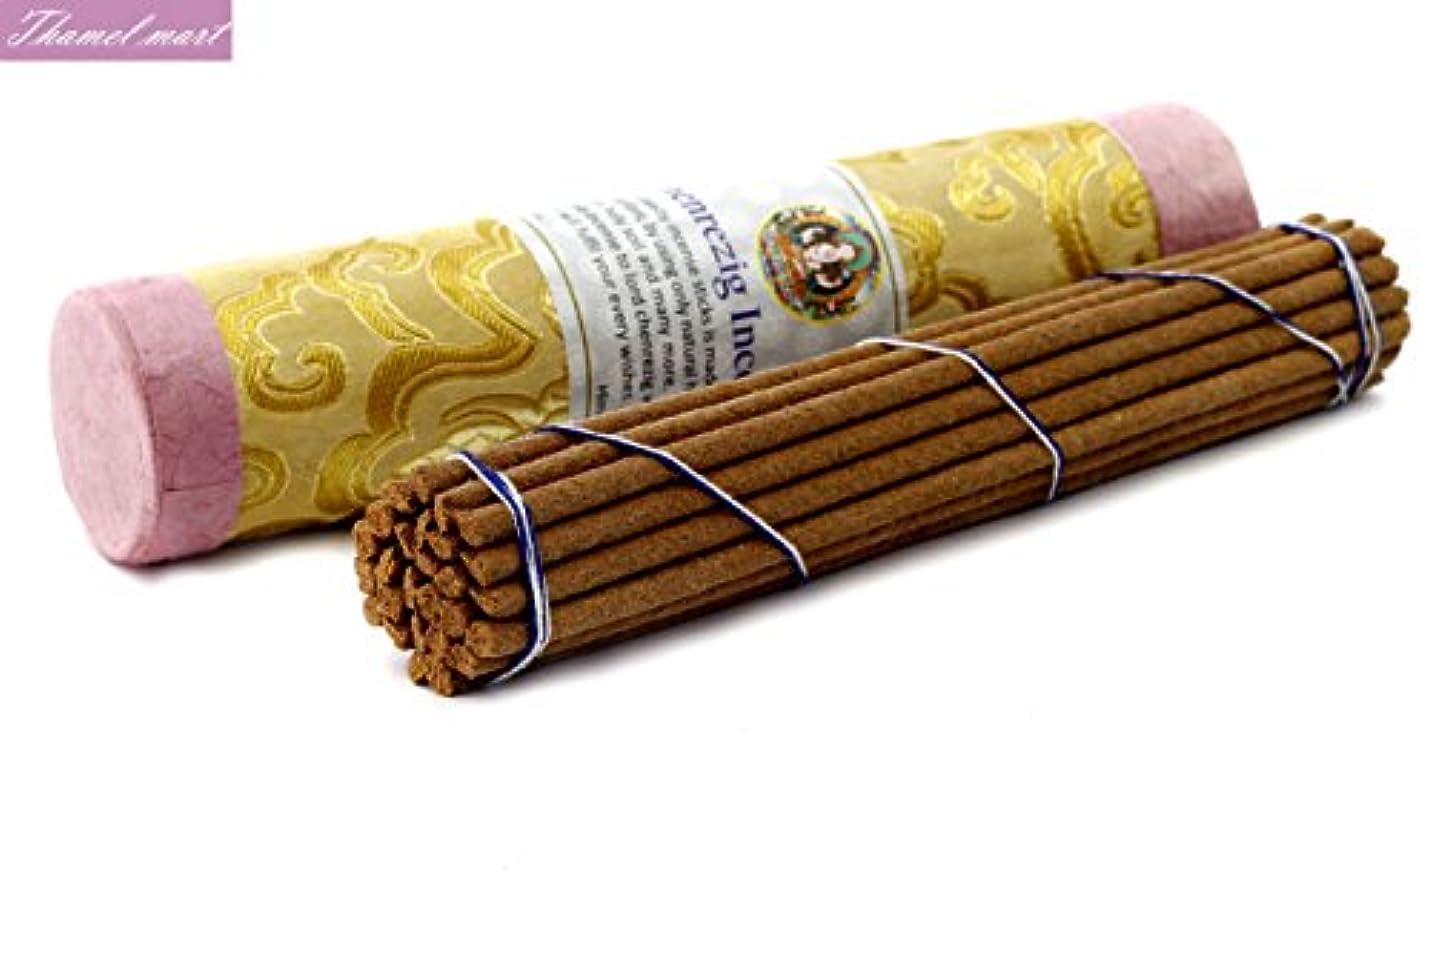 短くするケーブルラダchenrezing Tibetan Incense Sticks – Spiritual & Medicinal Relaxation Potpourrisより – 効果的& Scented Oils